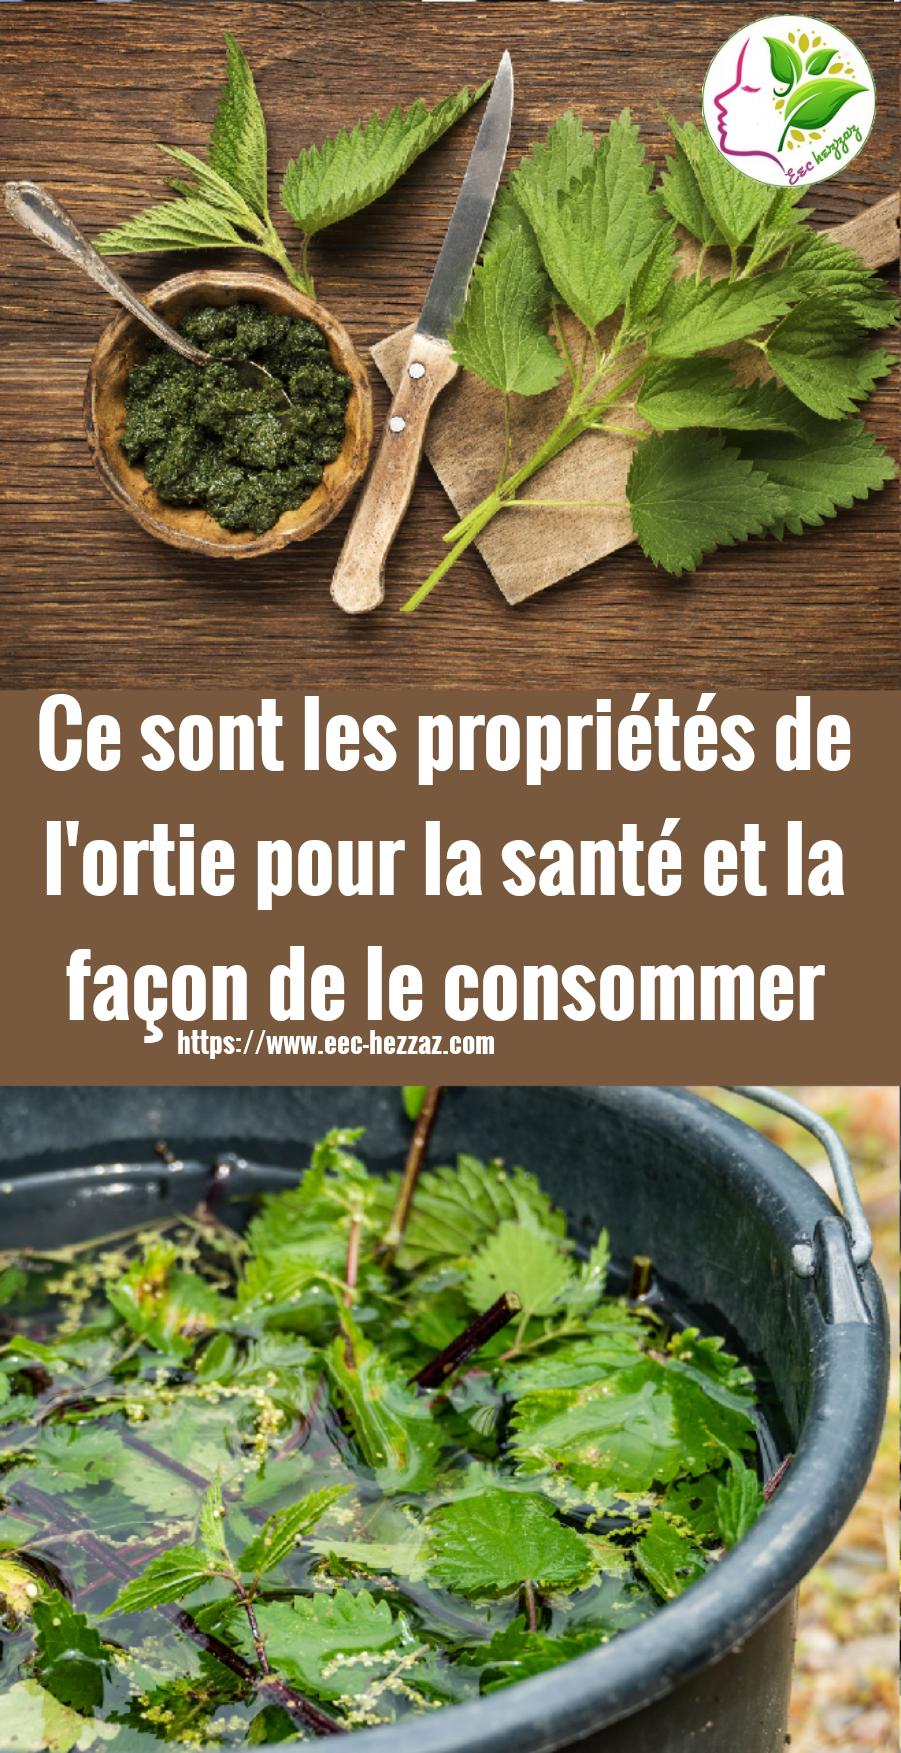 Ce sont les propriétés de l'ortie pour la santé et la façon de le consommer